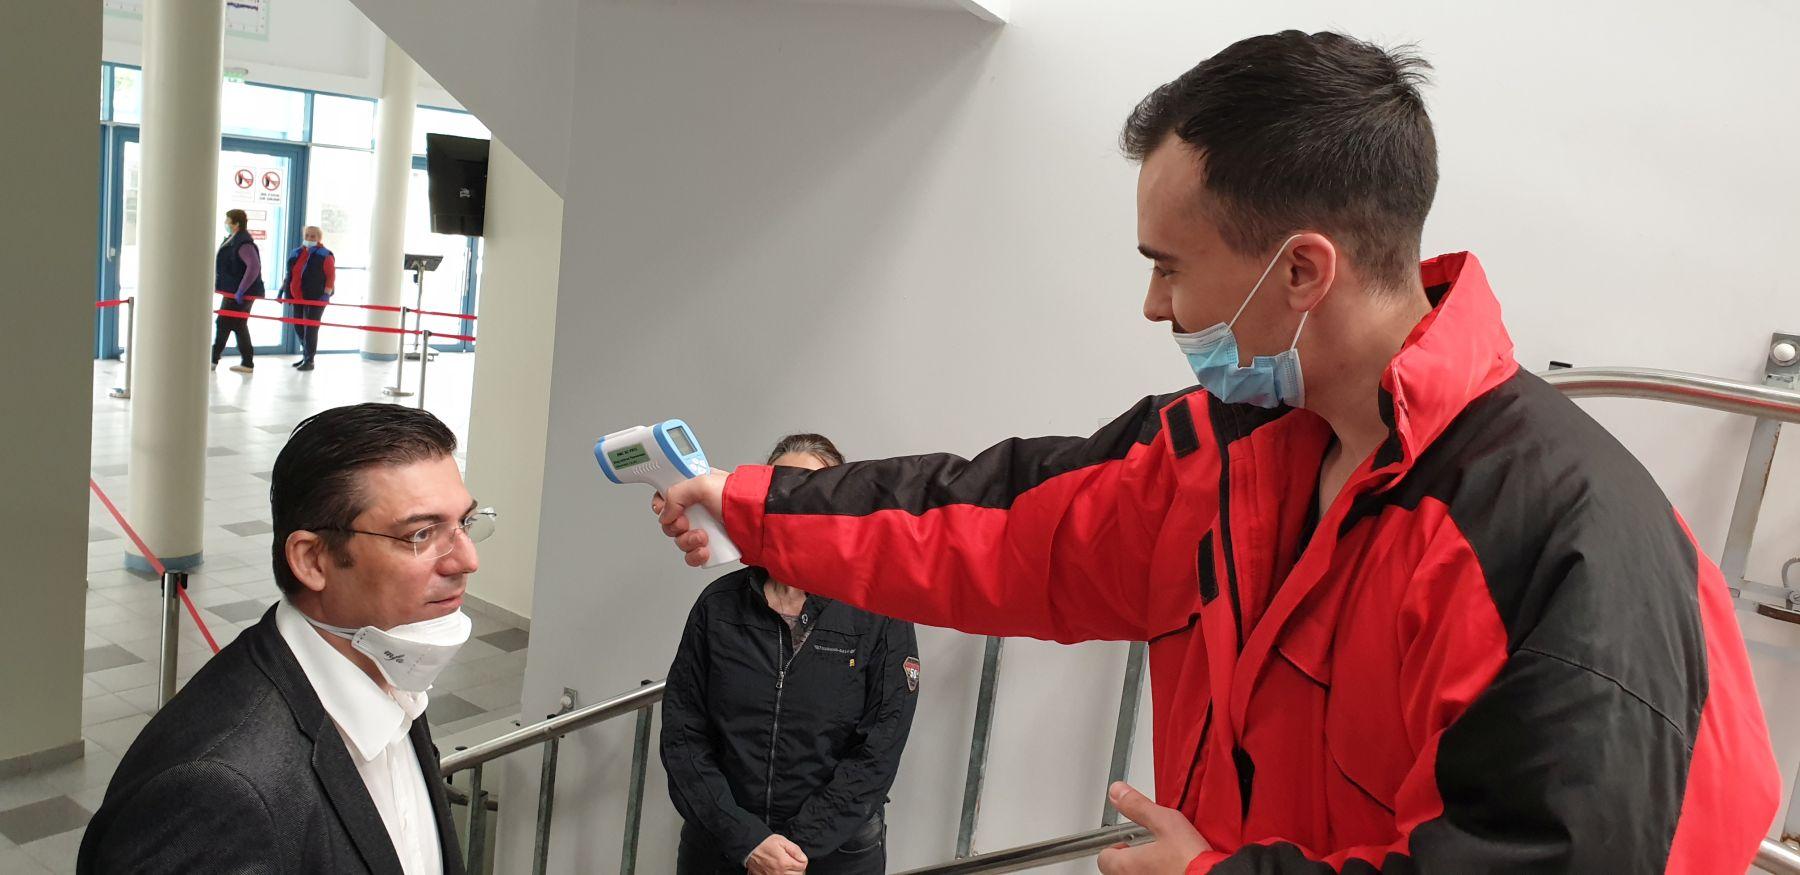 Președintelui CJ Constanța, Marius Horia Țuțuianu, i se ia temperatura la intrarea în Delfinariul Constanța. Procedura va fi standard pentru toți vizitatorii. Foto: Constanța 100%, 15 mai 2020